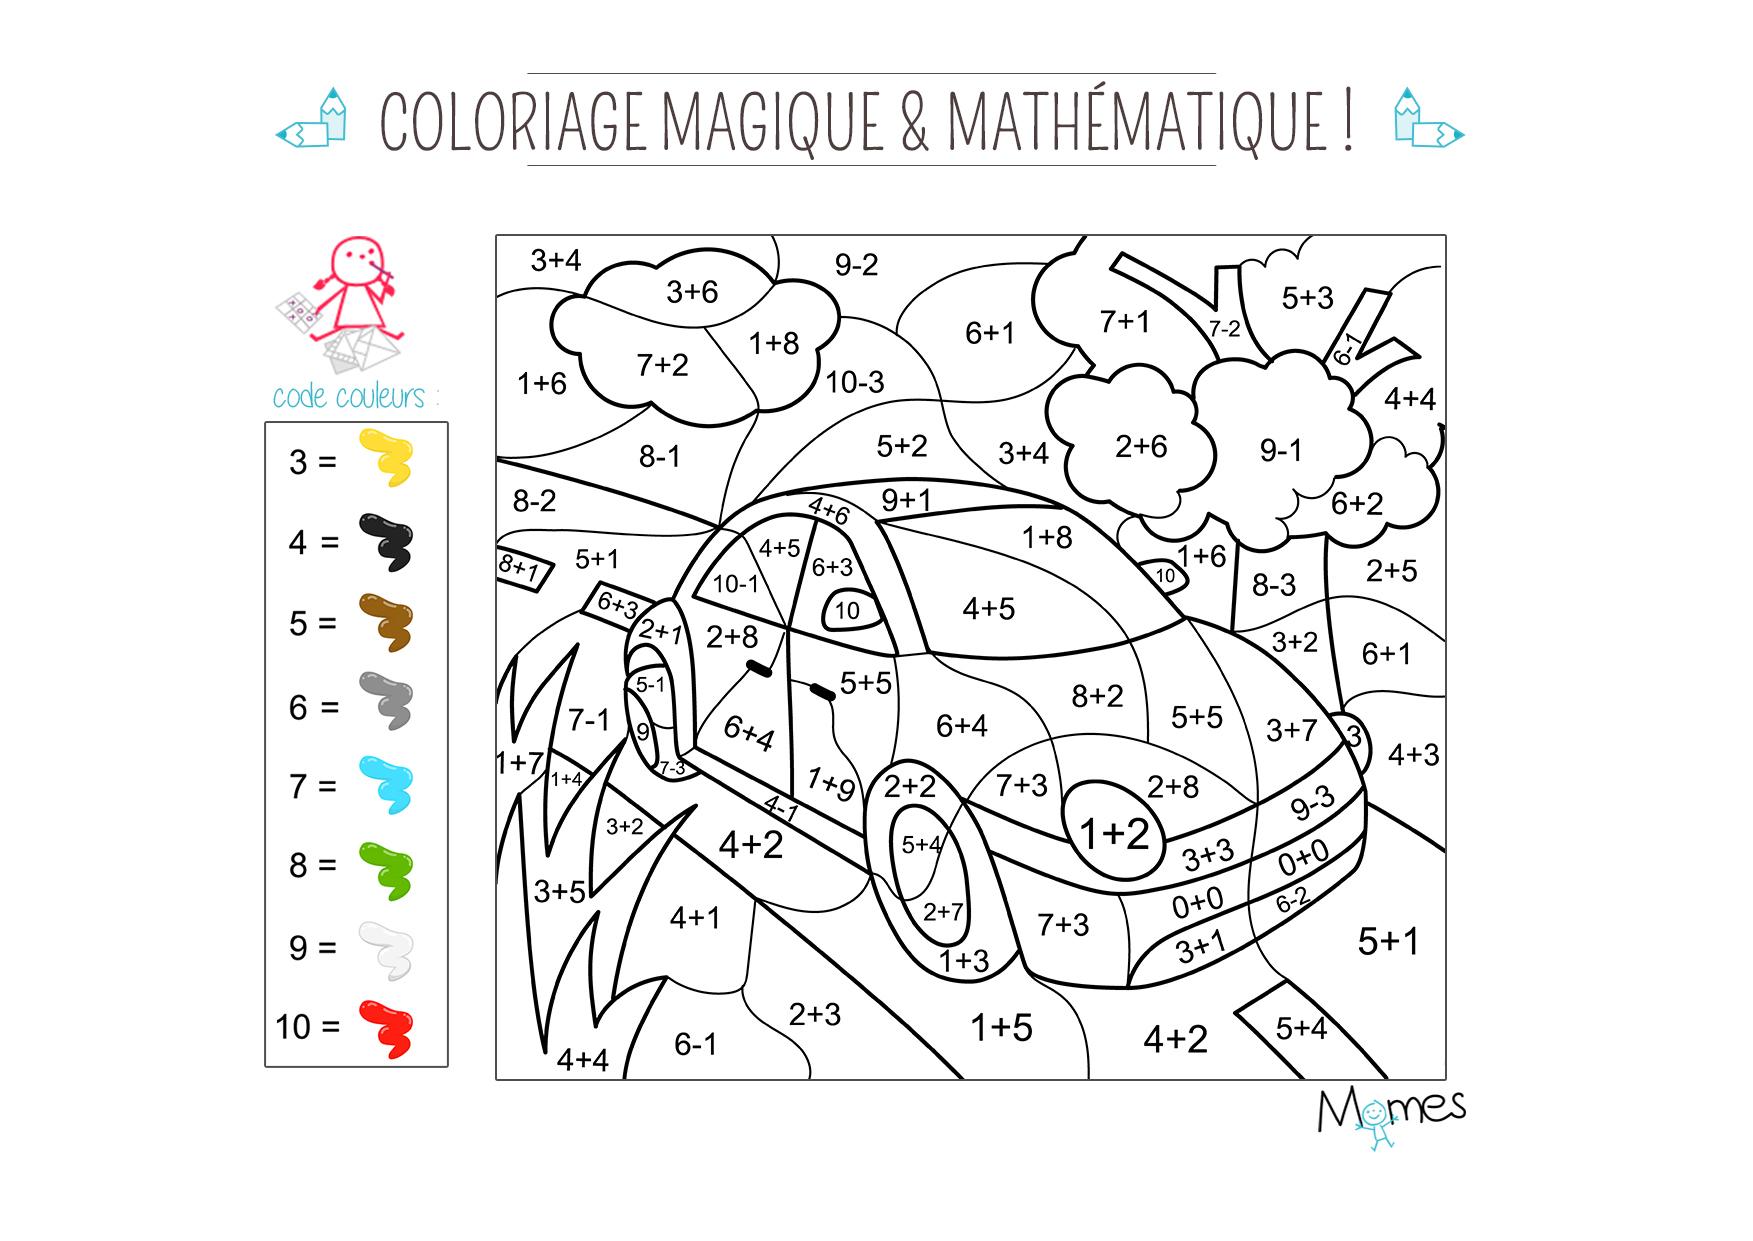 Coloriage Magique Et Mathématique : La Voiture - Momes tout Coloriage Magique 4 Ans